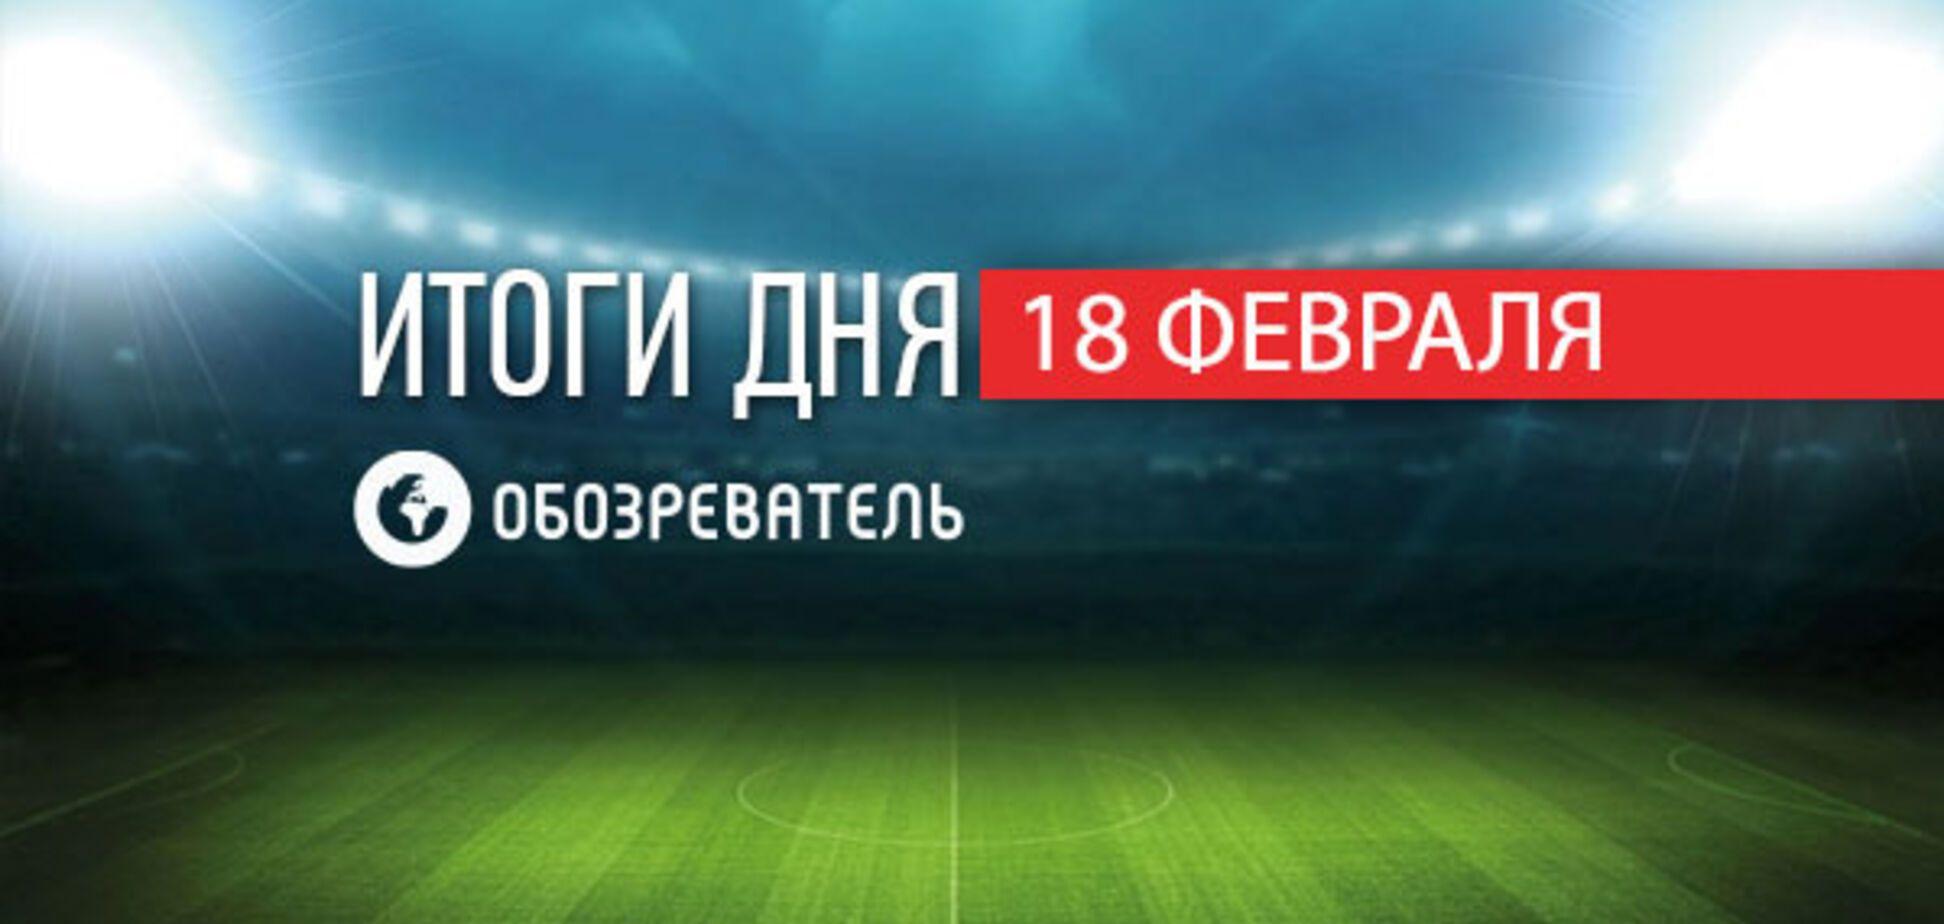 У Усика сделали заявление про бой с Поветкиным: спортивные итоги 18 февраля